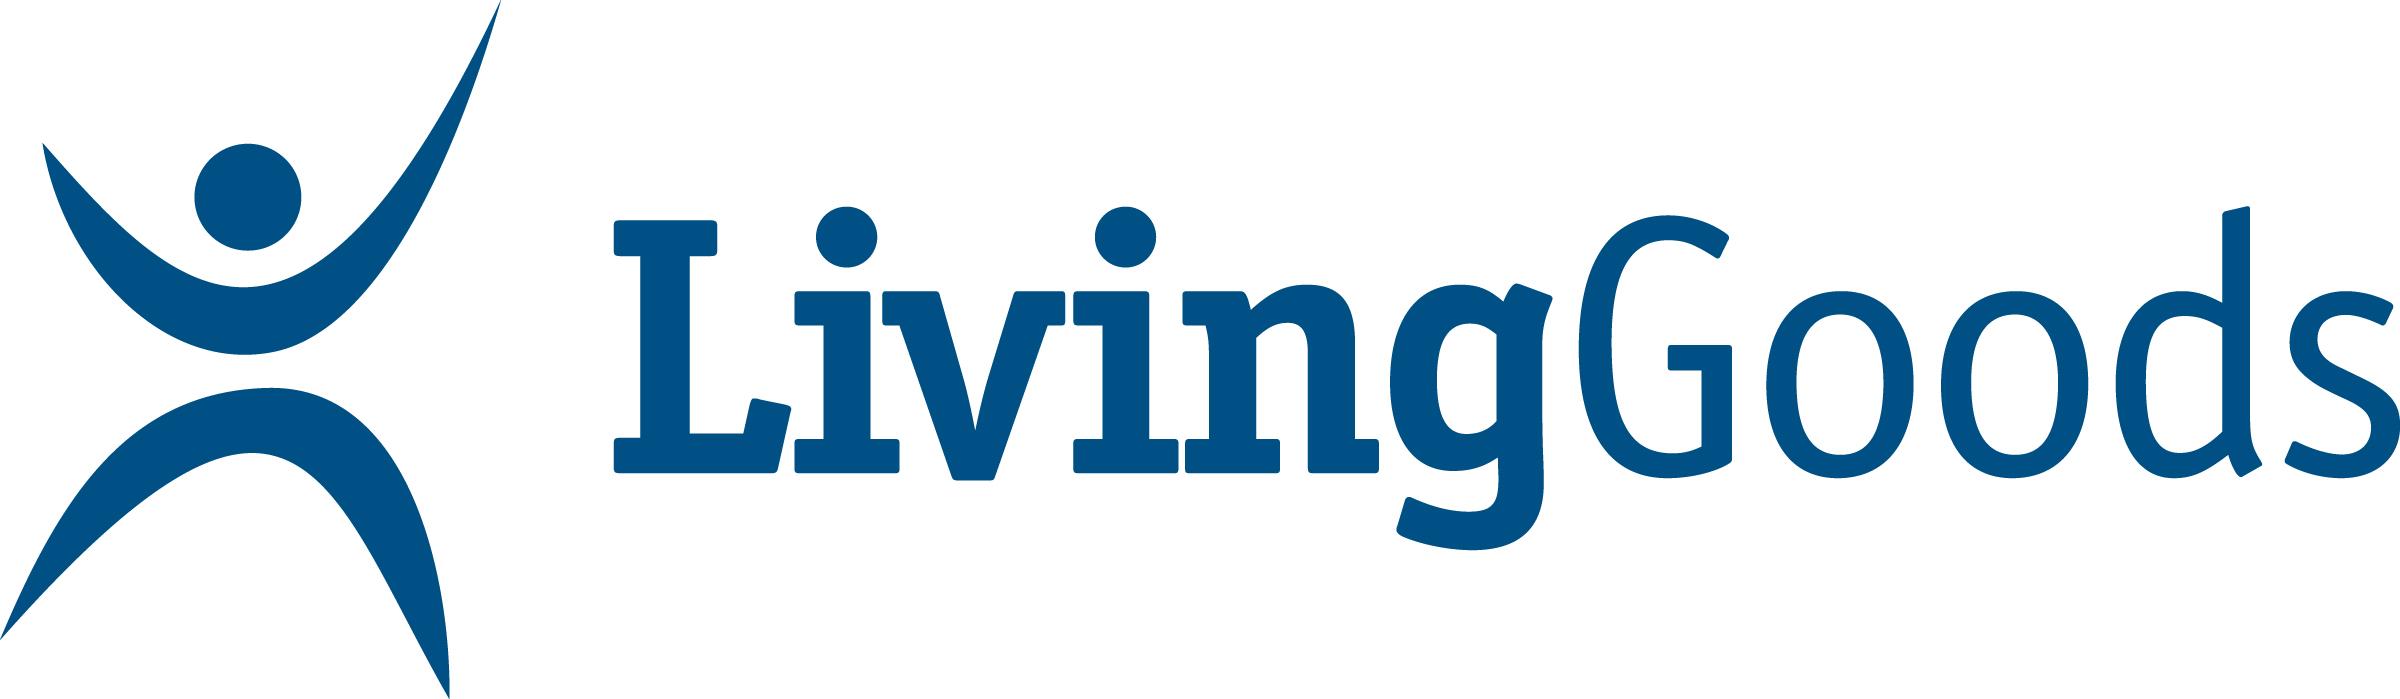 LG_logo_Blue_logo.jpg